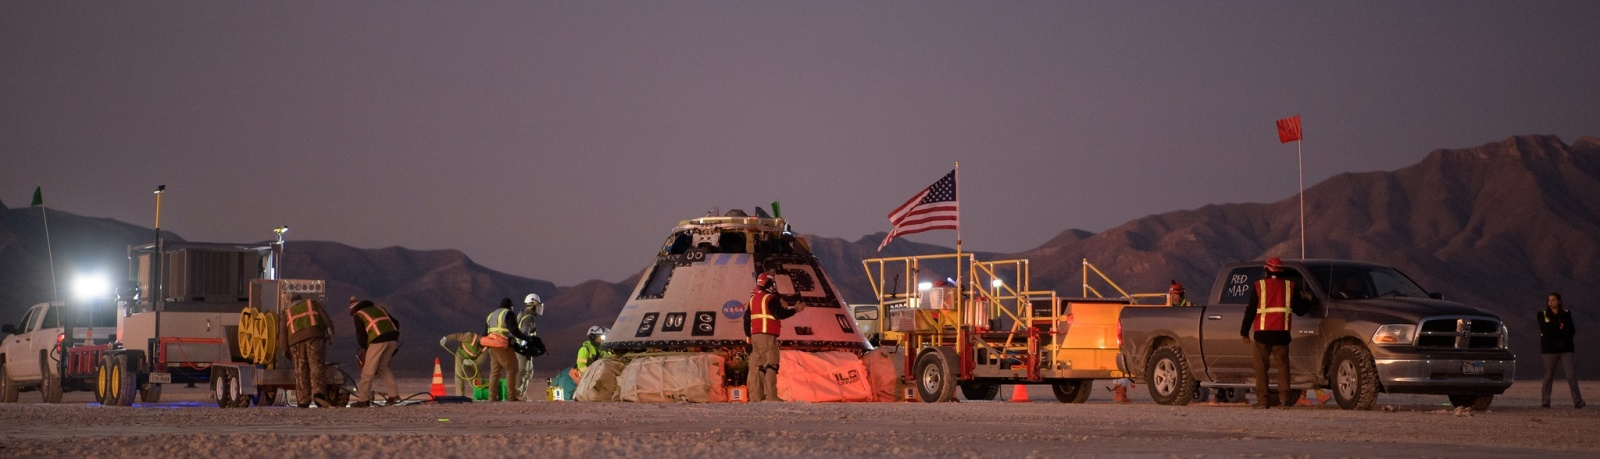 «Старлайнер» совершил успешную посадку в штате Нью-Мексико США - 5